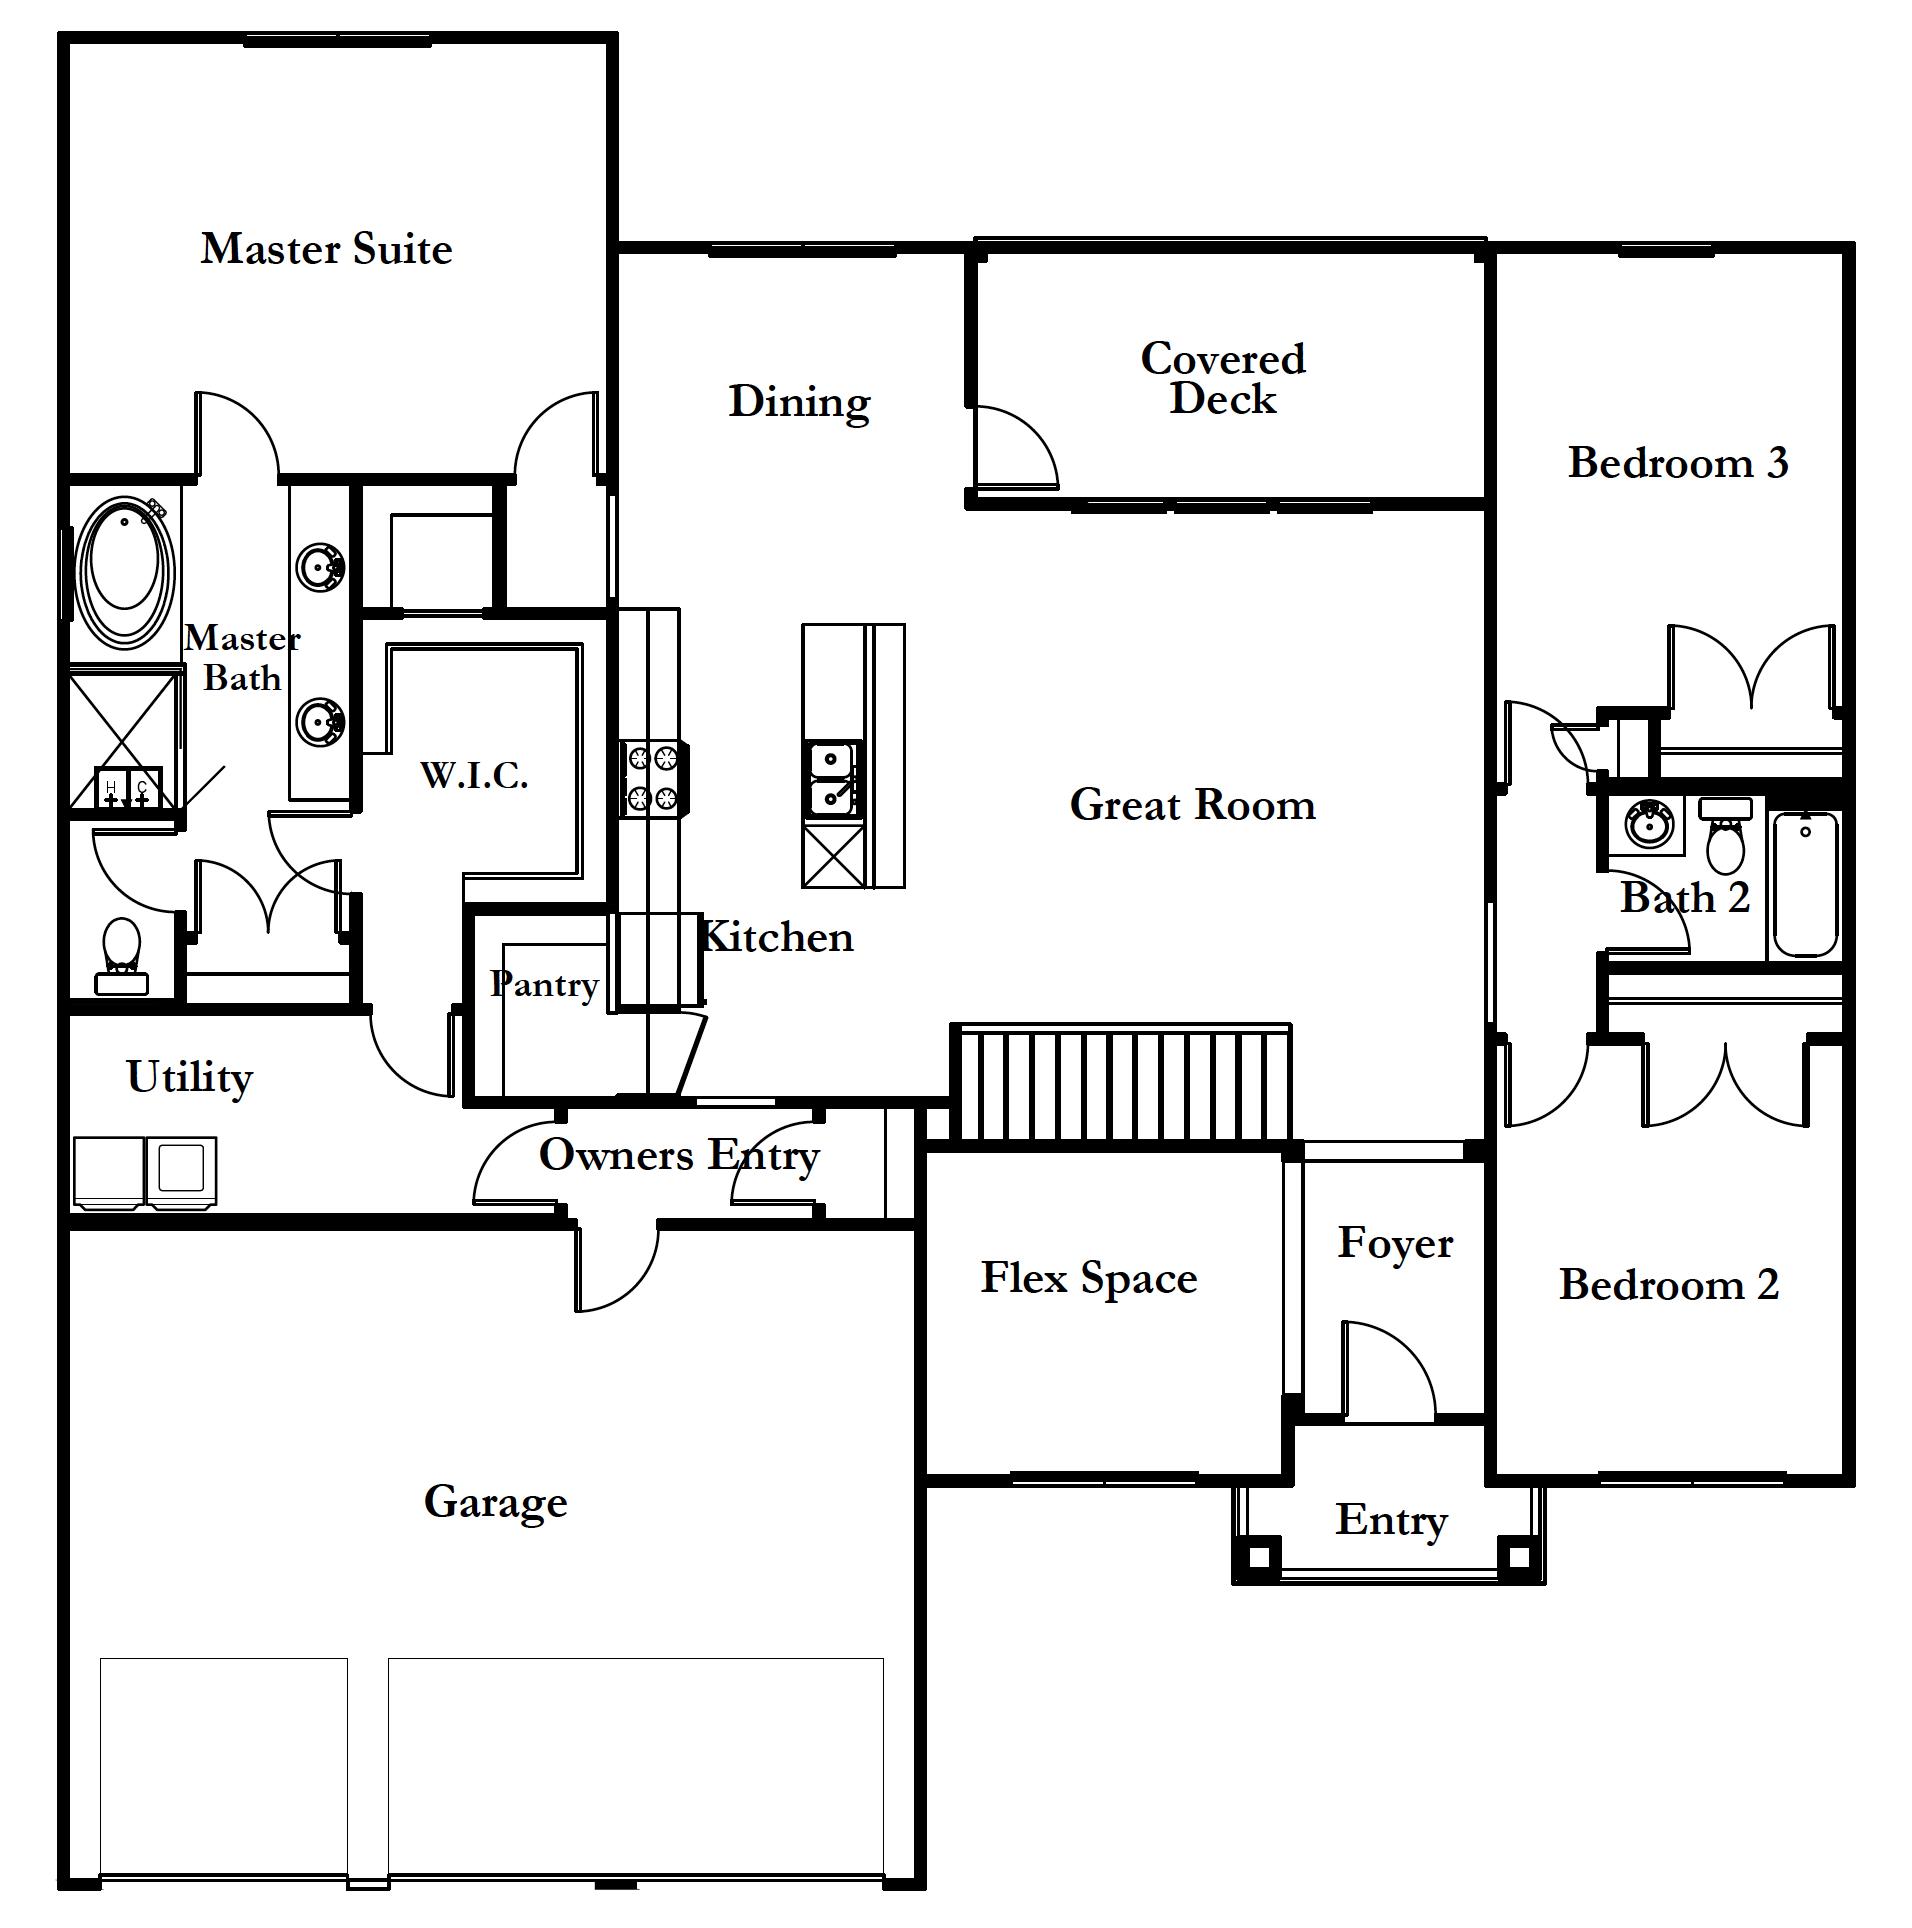 Bradley_Upper_Floor_Plan.png